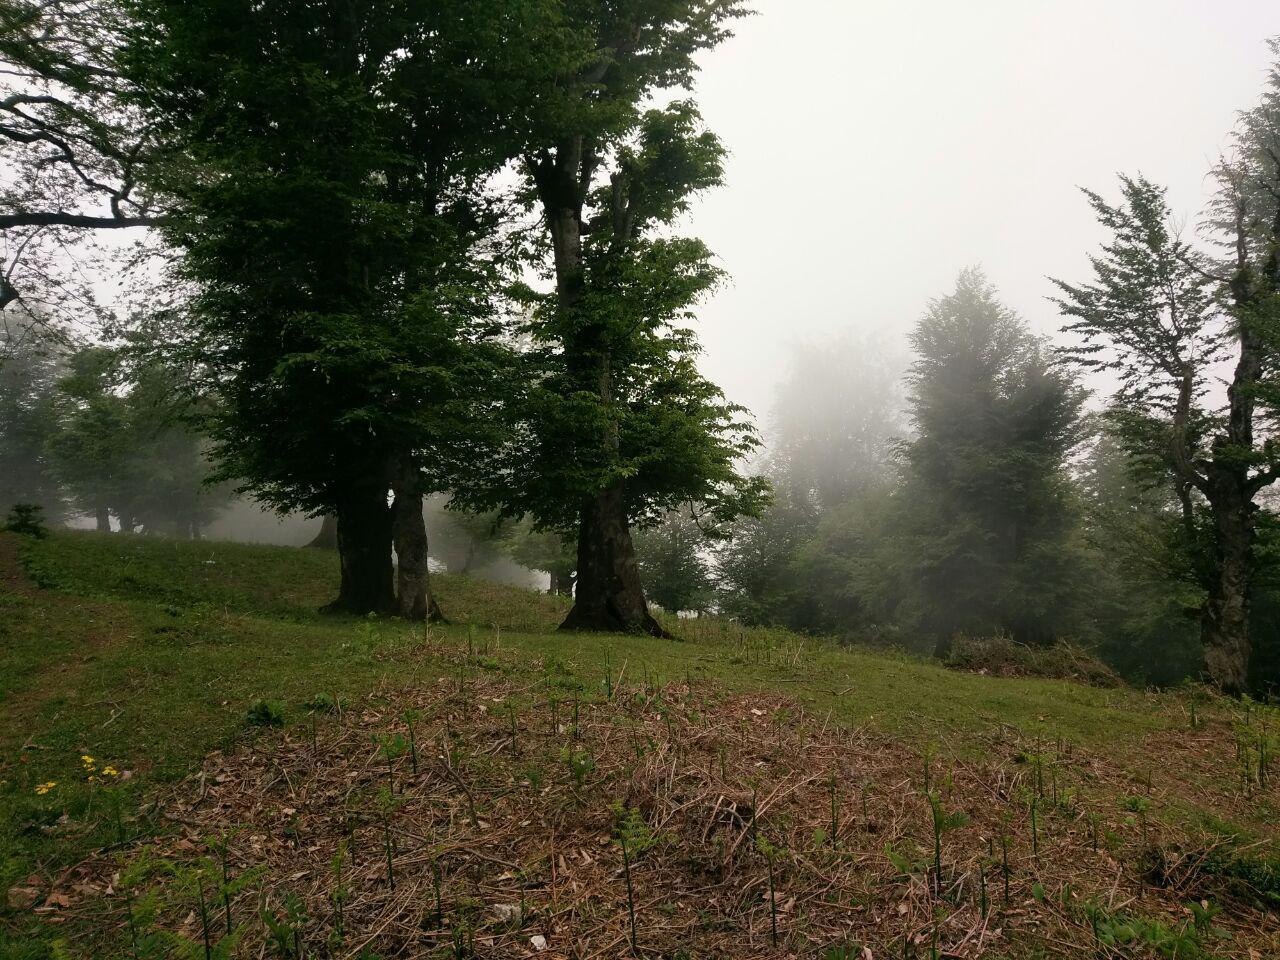 شوق درهم شکستن یک ابر، به هوای تنیدن و بارش